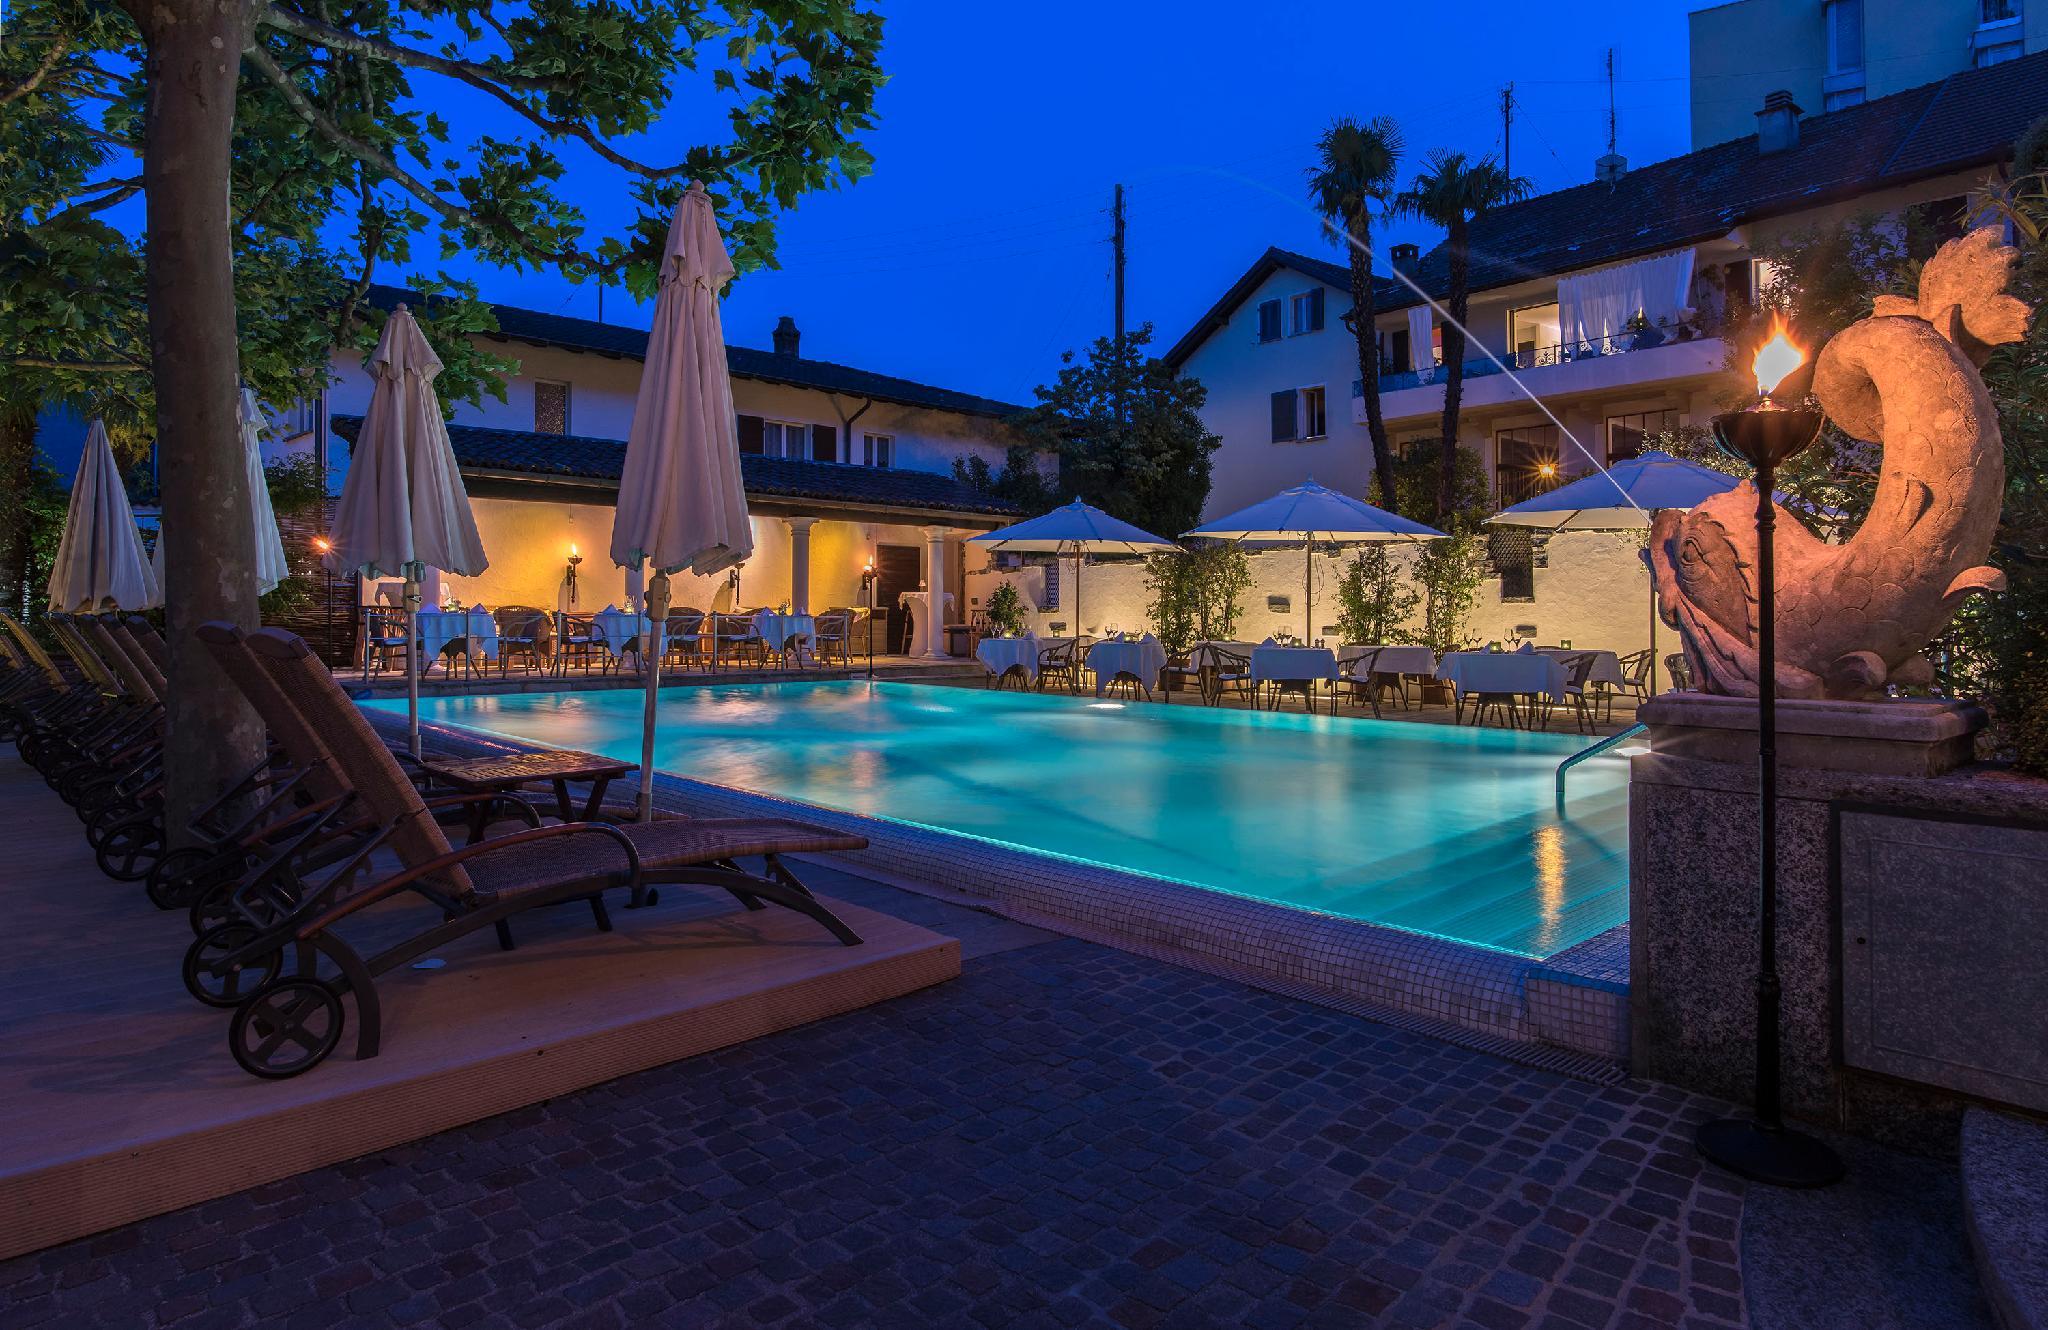 Sunstar Hotel Brissago, Locarno